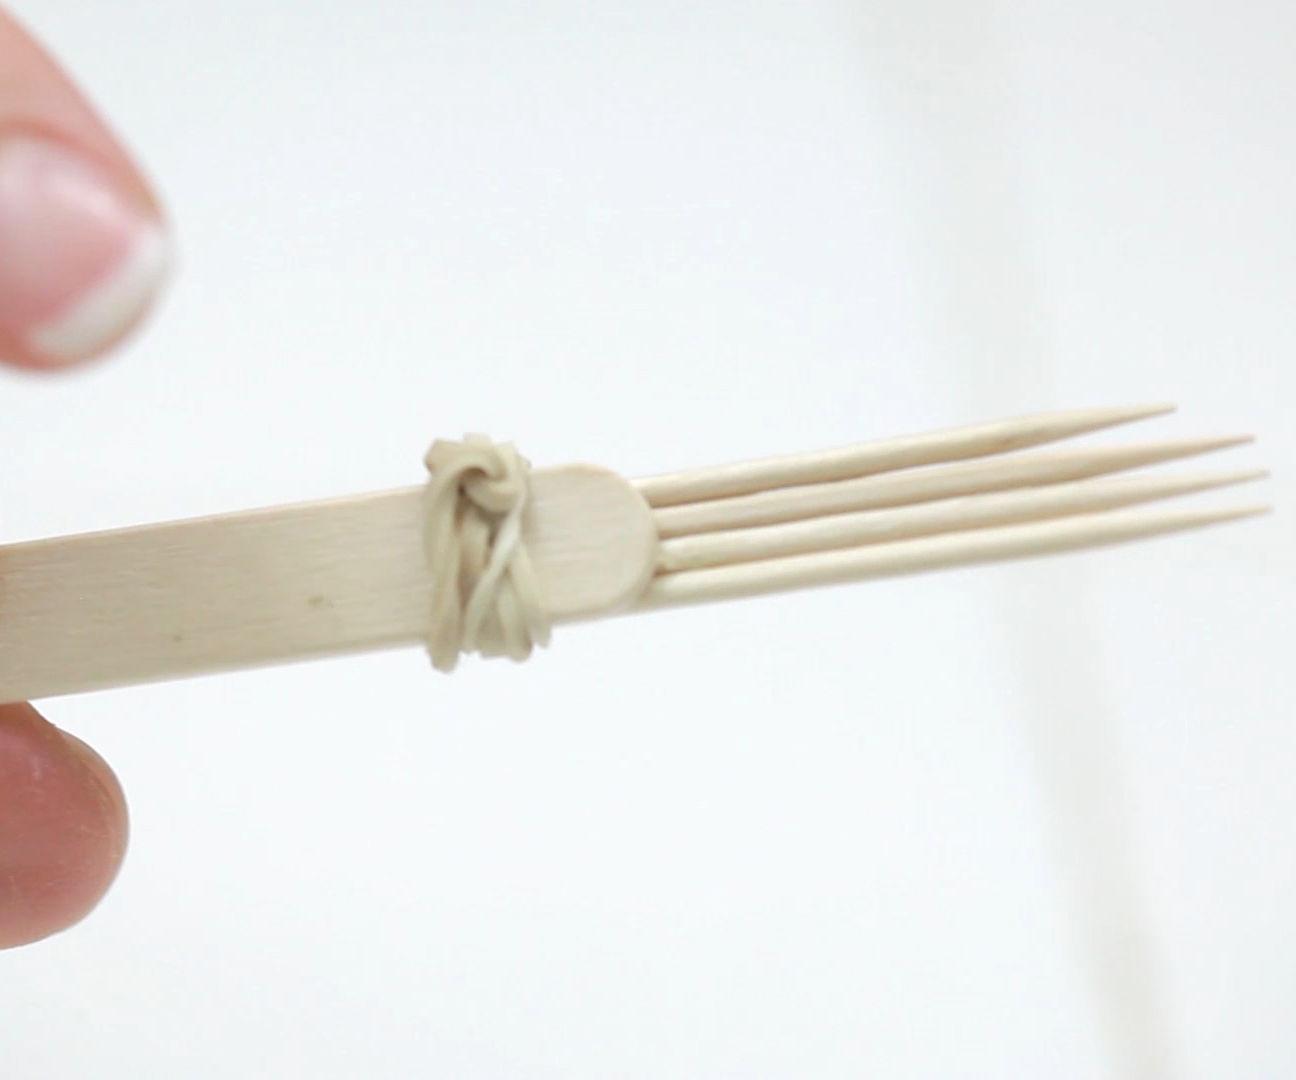 7 Incredible Toothpick Life Hacks